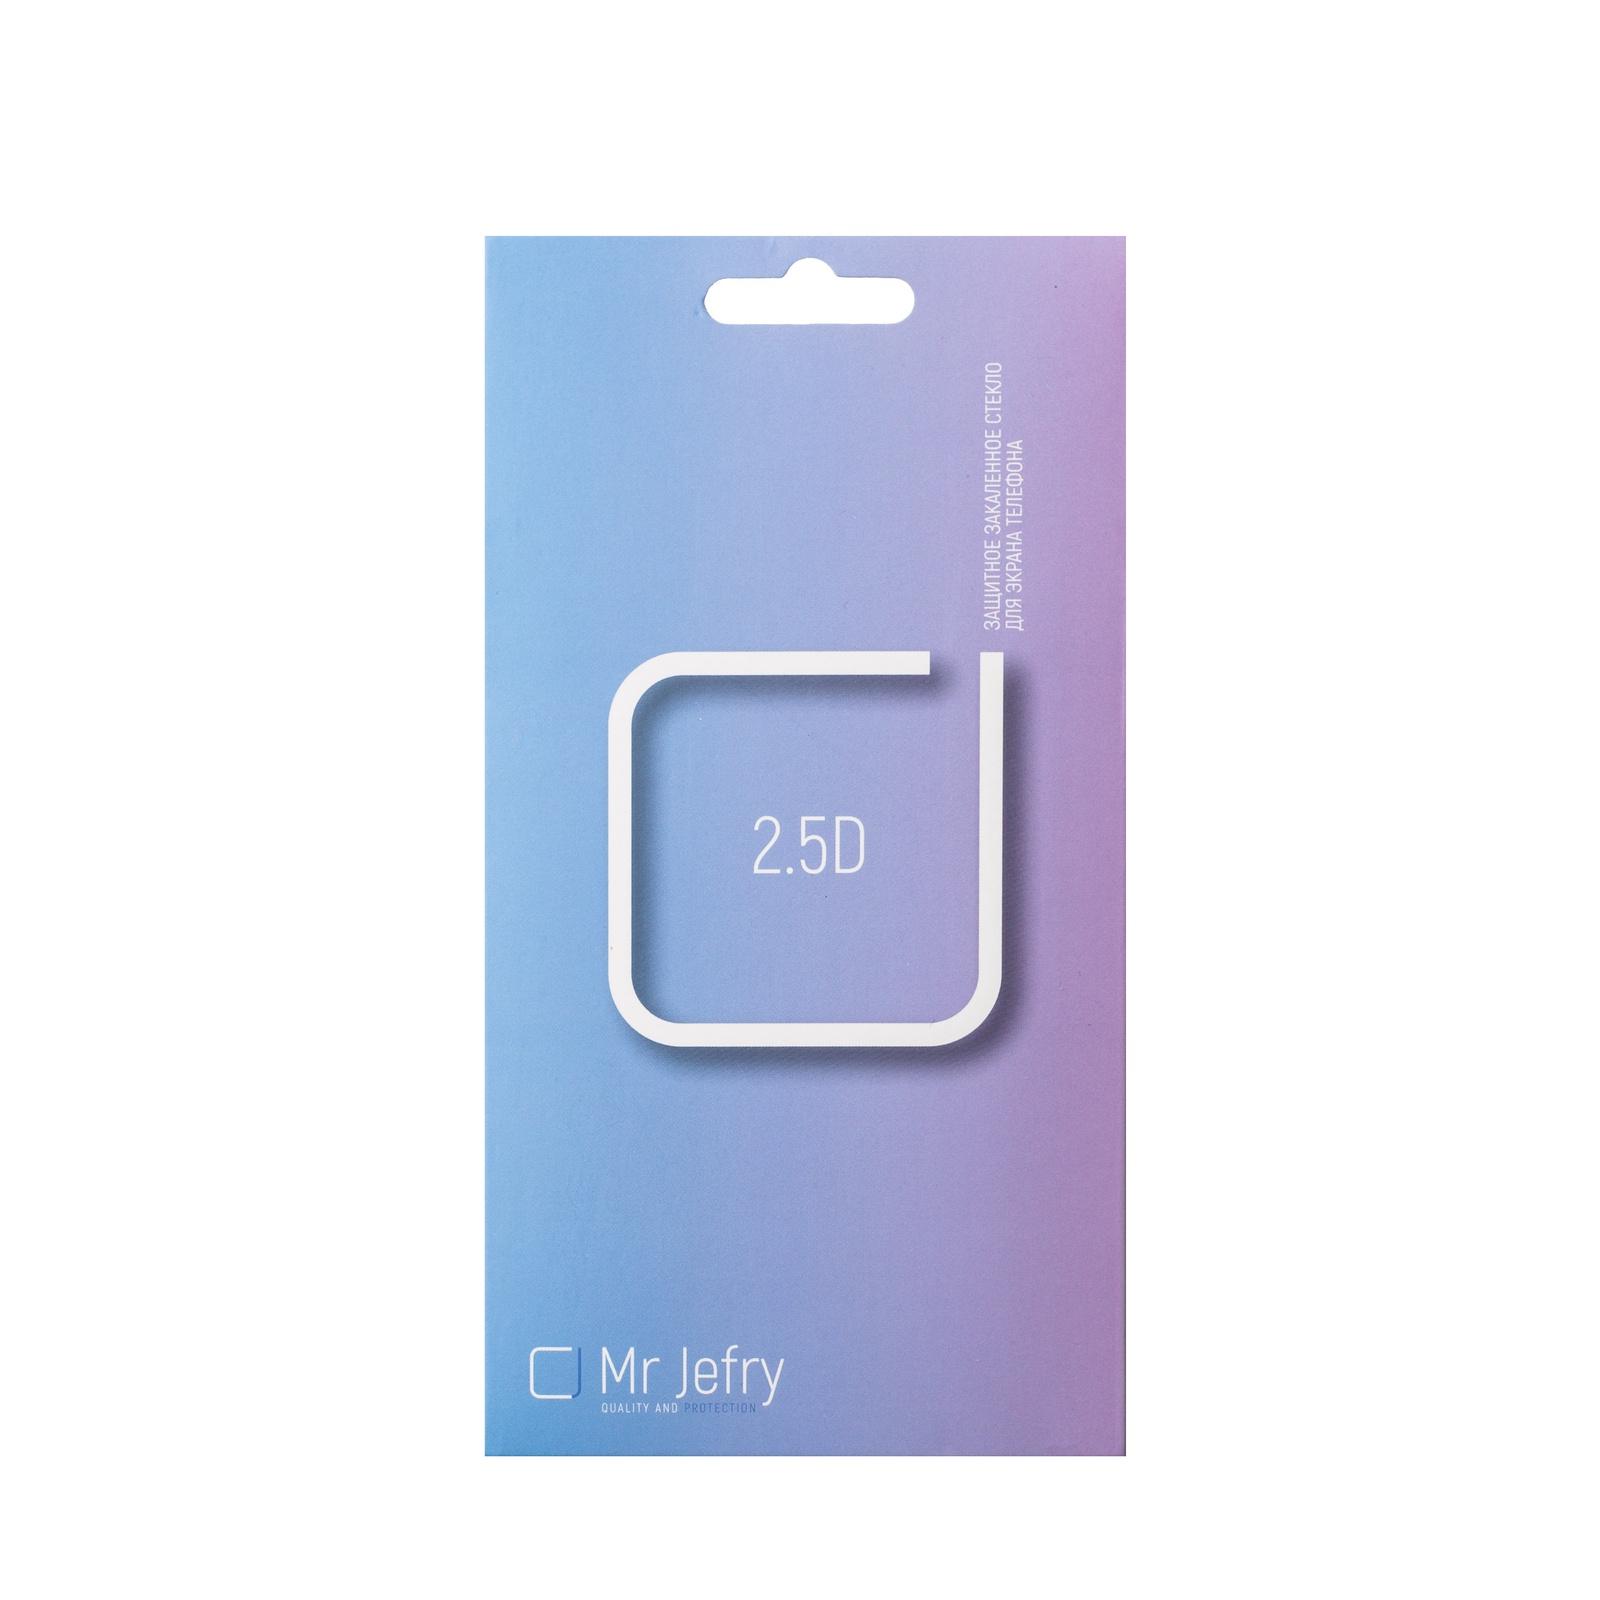 Mr Jefry стекло защитное (многослойное) 2,5D для Samsung J3